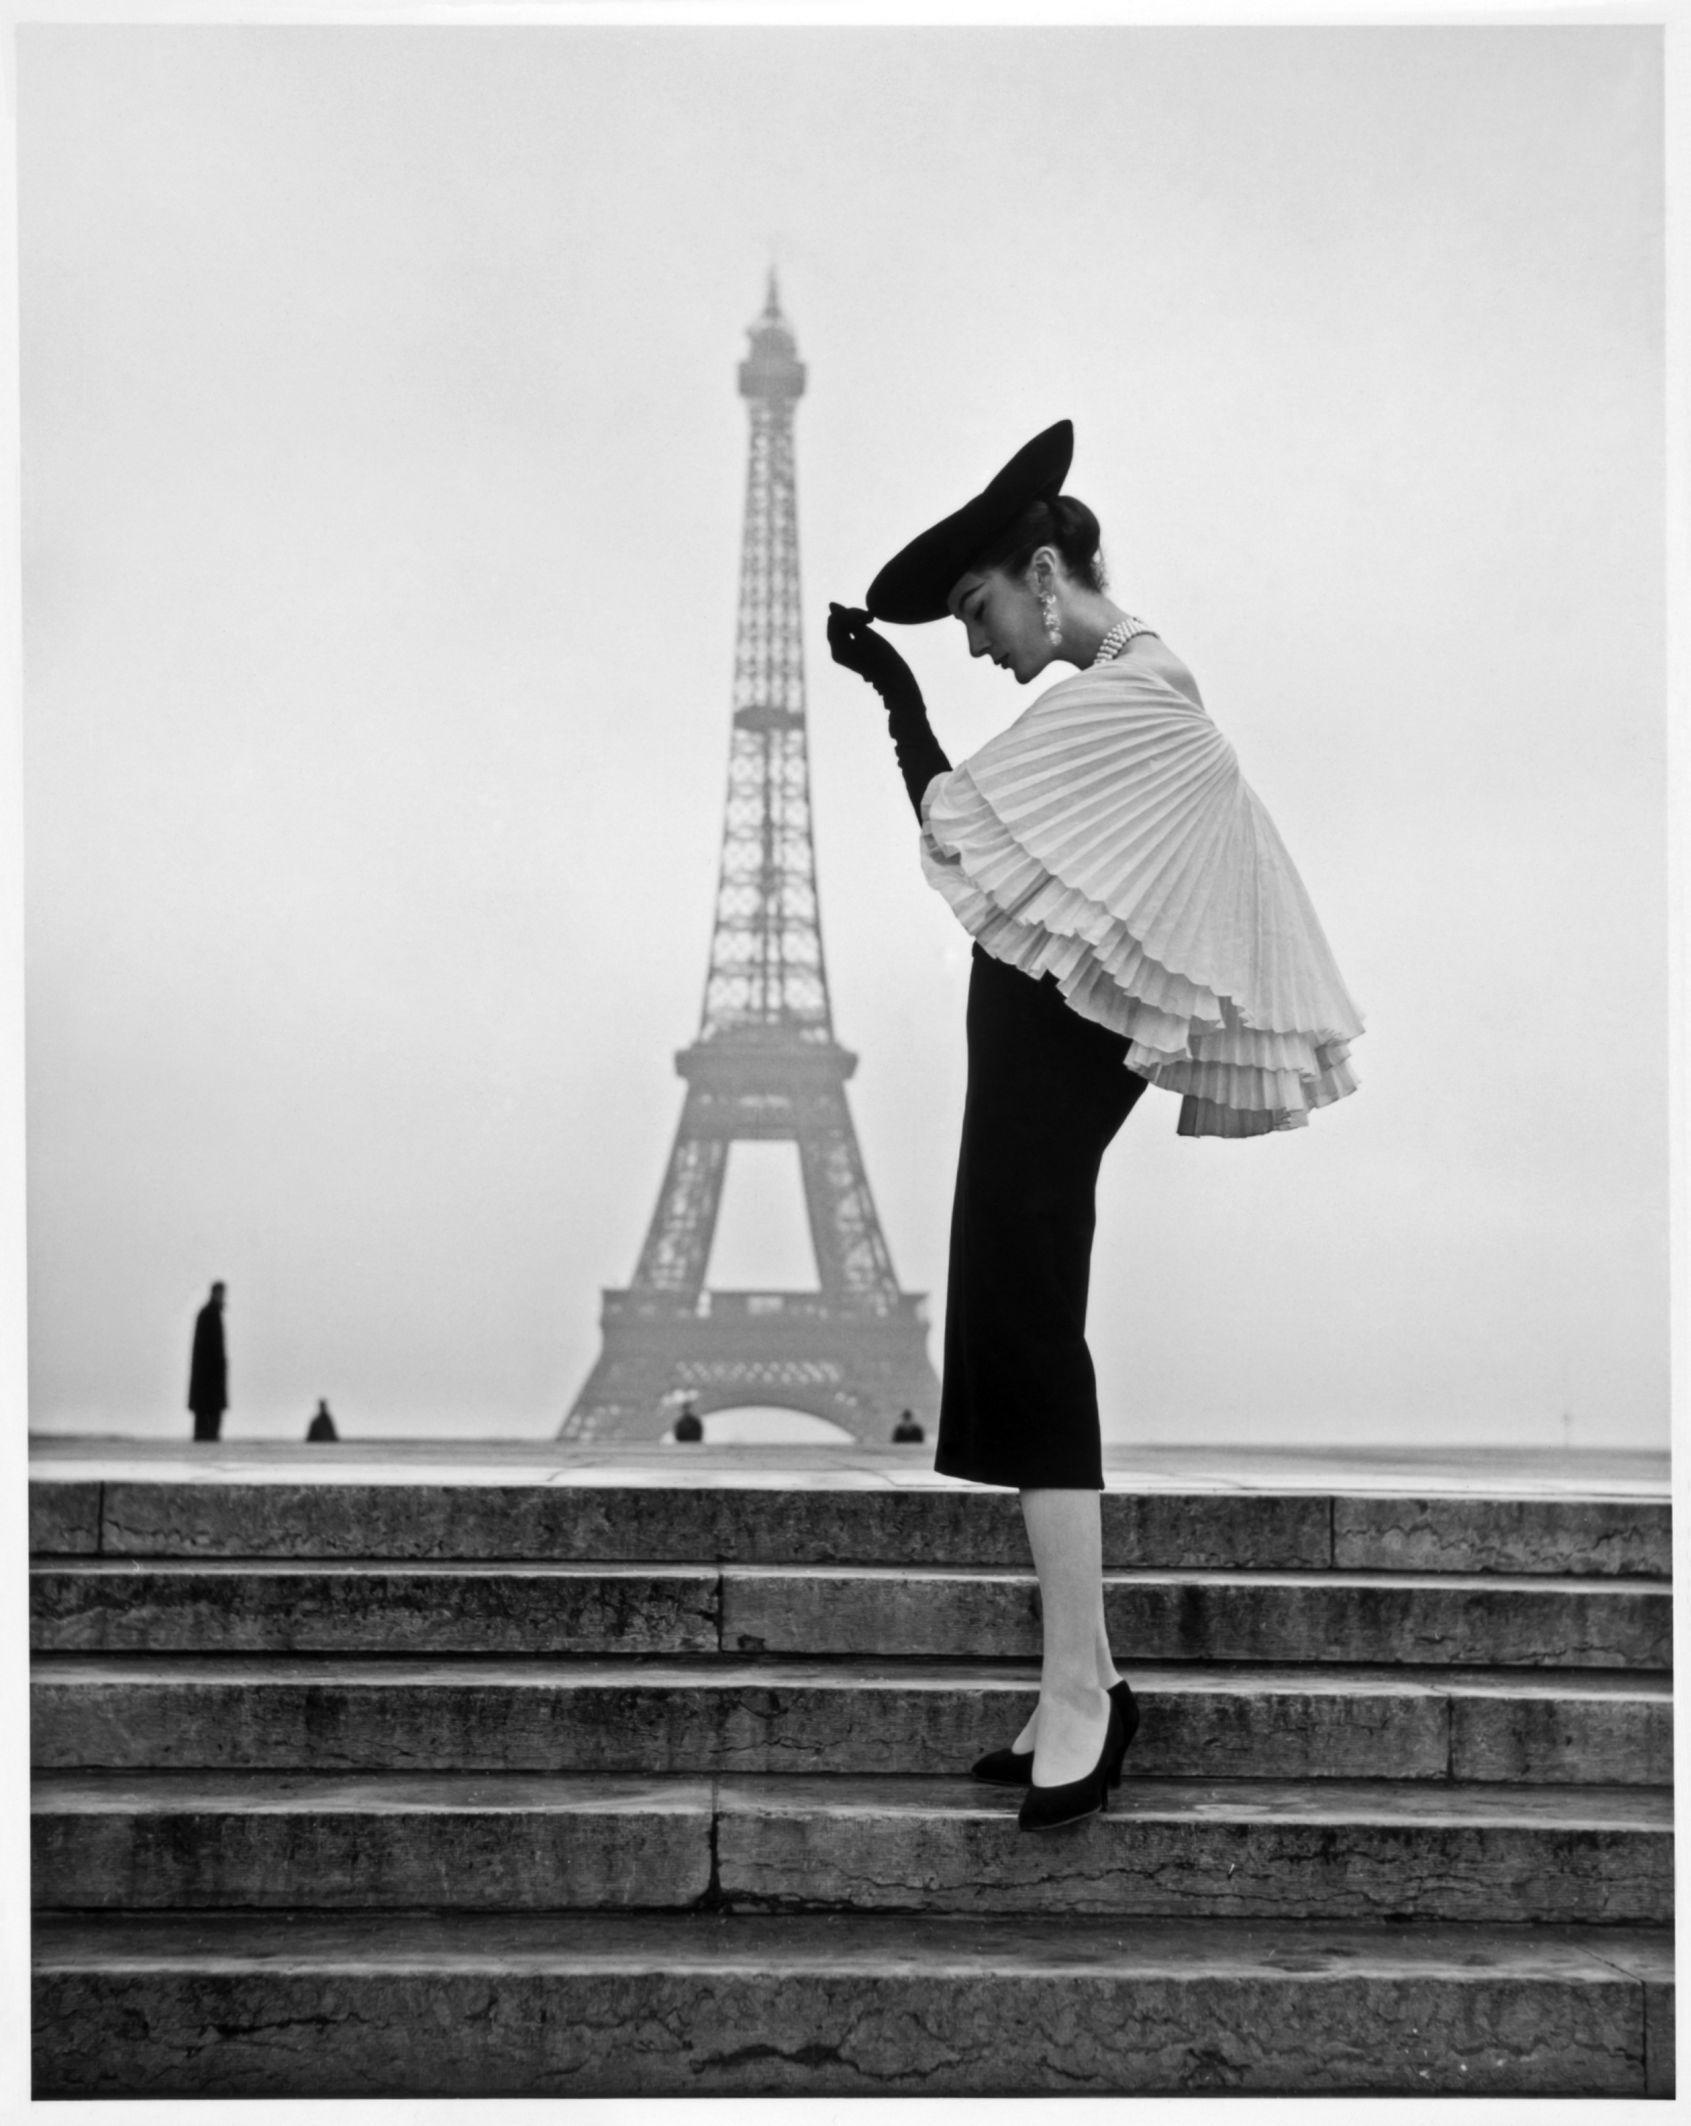 Paris Photography Vintage Paris Vintage Fashion Photography Vintage Photography